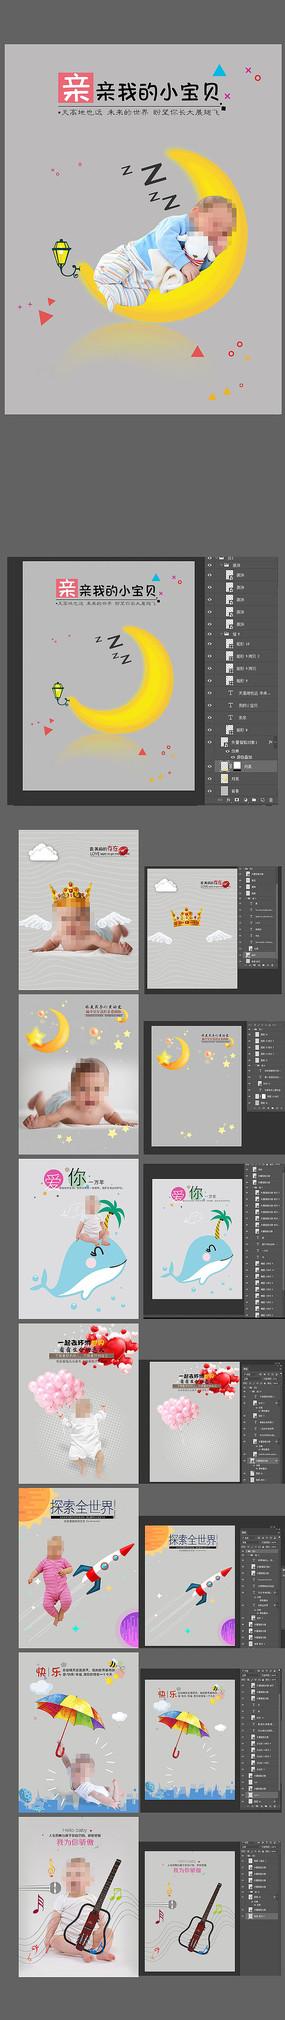 宝宝相册设计PSD模板